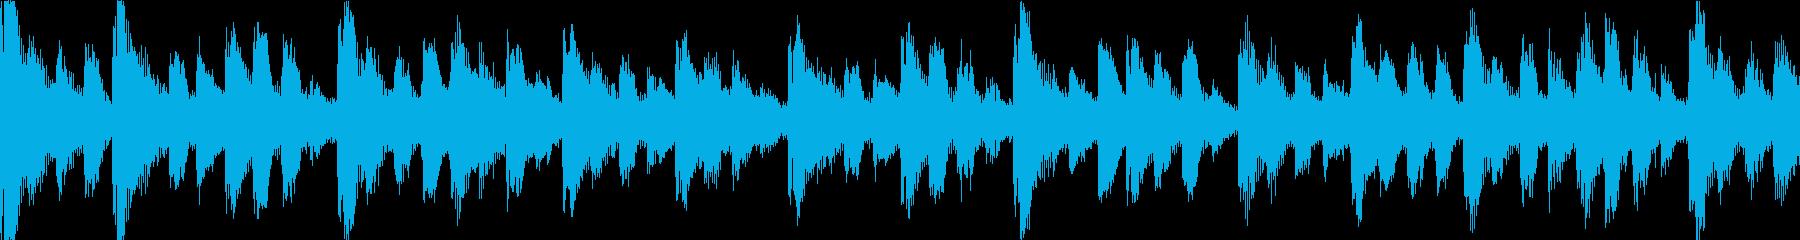 【ループC】かわいい感じのゆるやかテクノの再生済みの波形